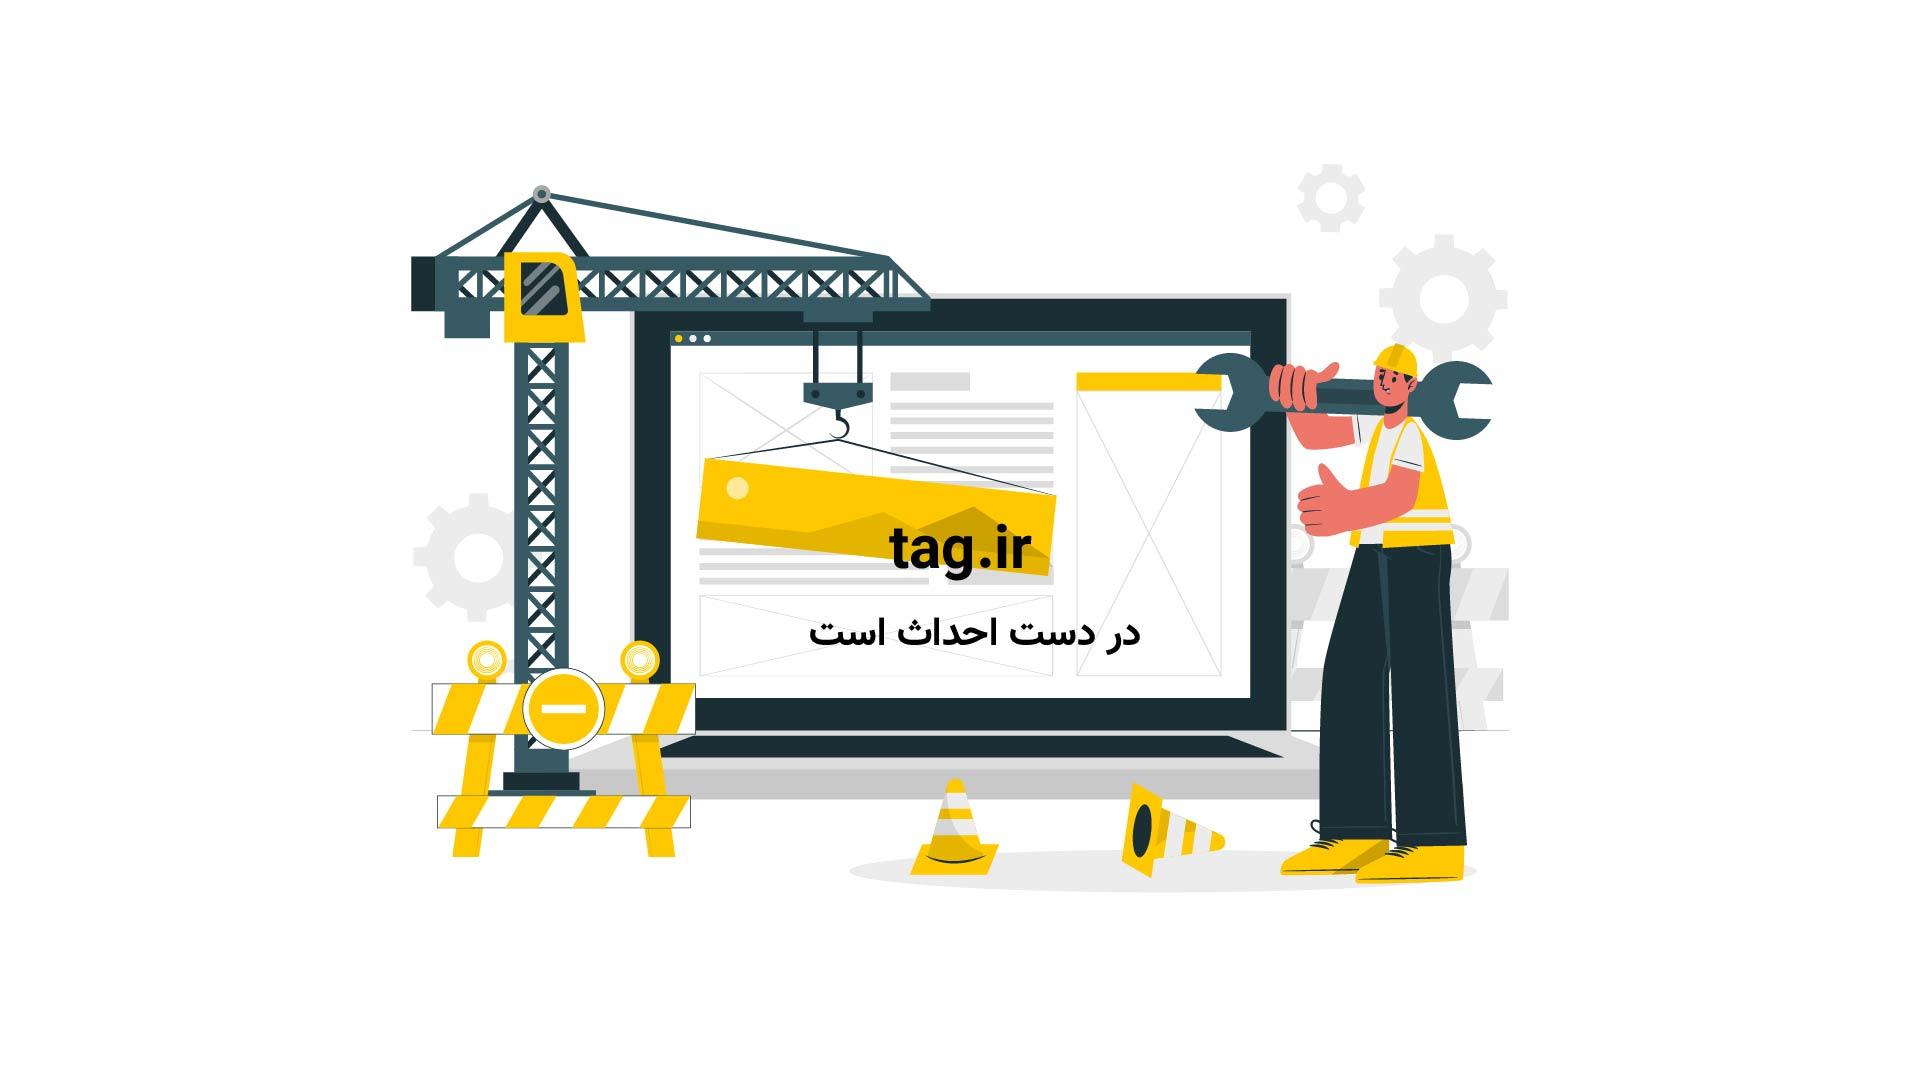 حمام تاریخی شیخ در شهر اردبیل | فیلم